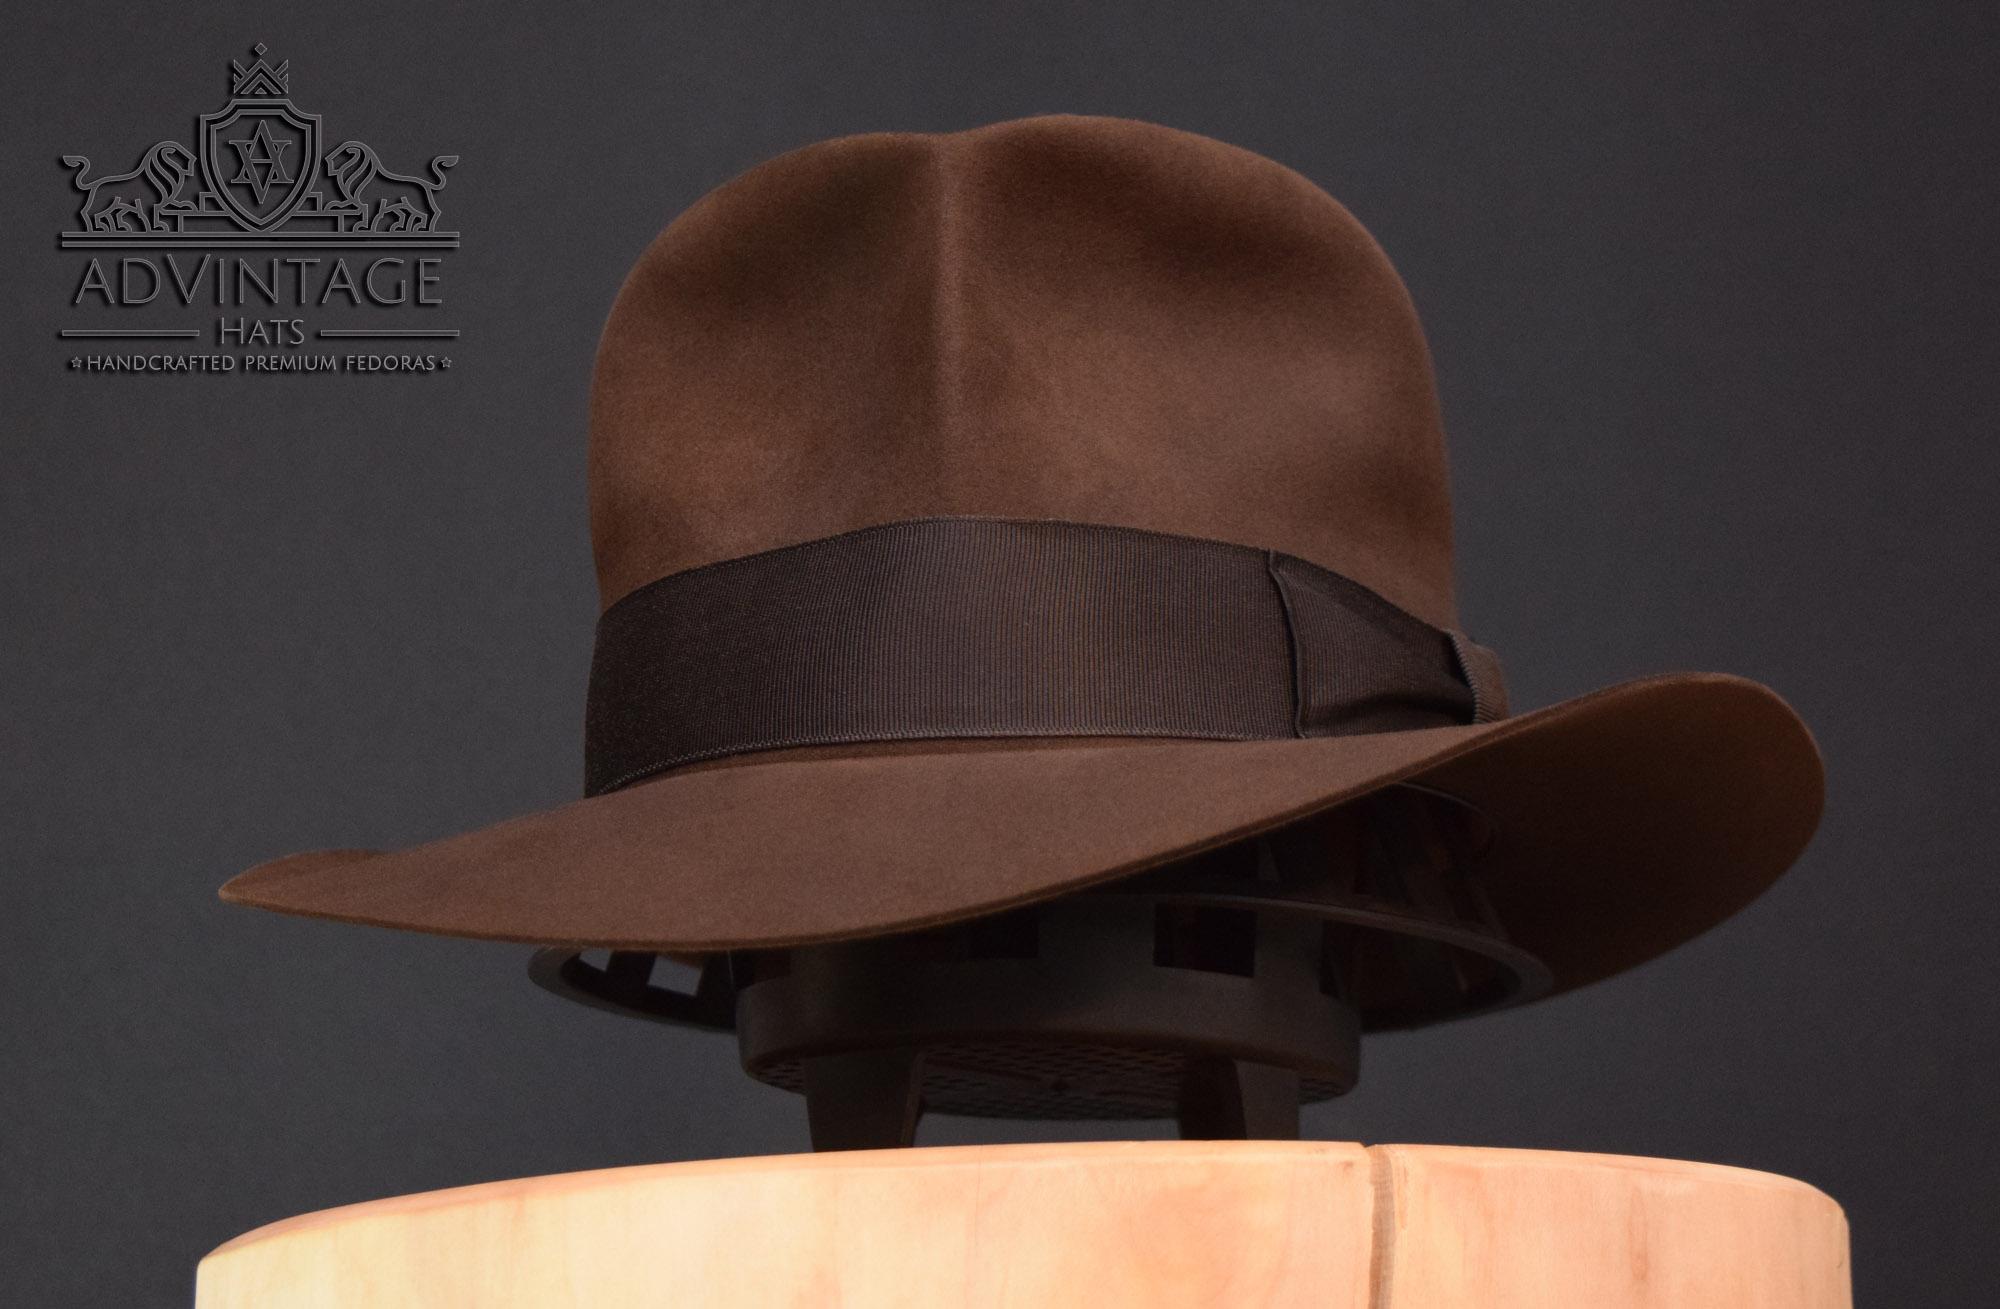 Streets of Cairo Fedora Hut hat in true-sable indy indana jones